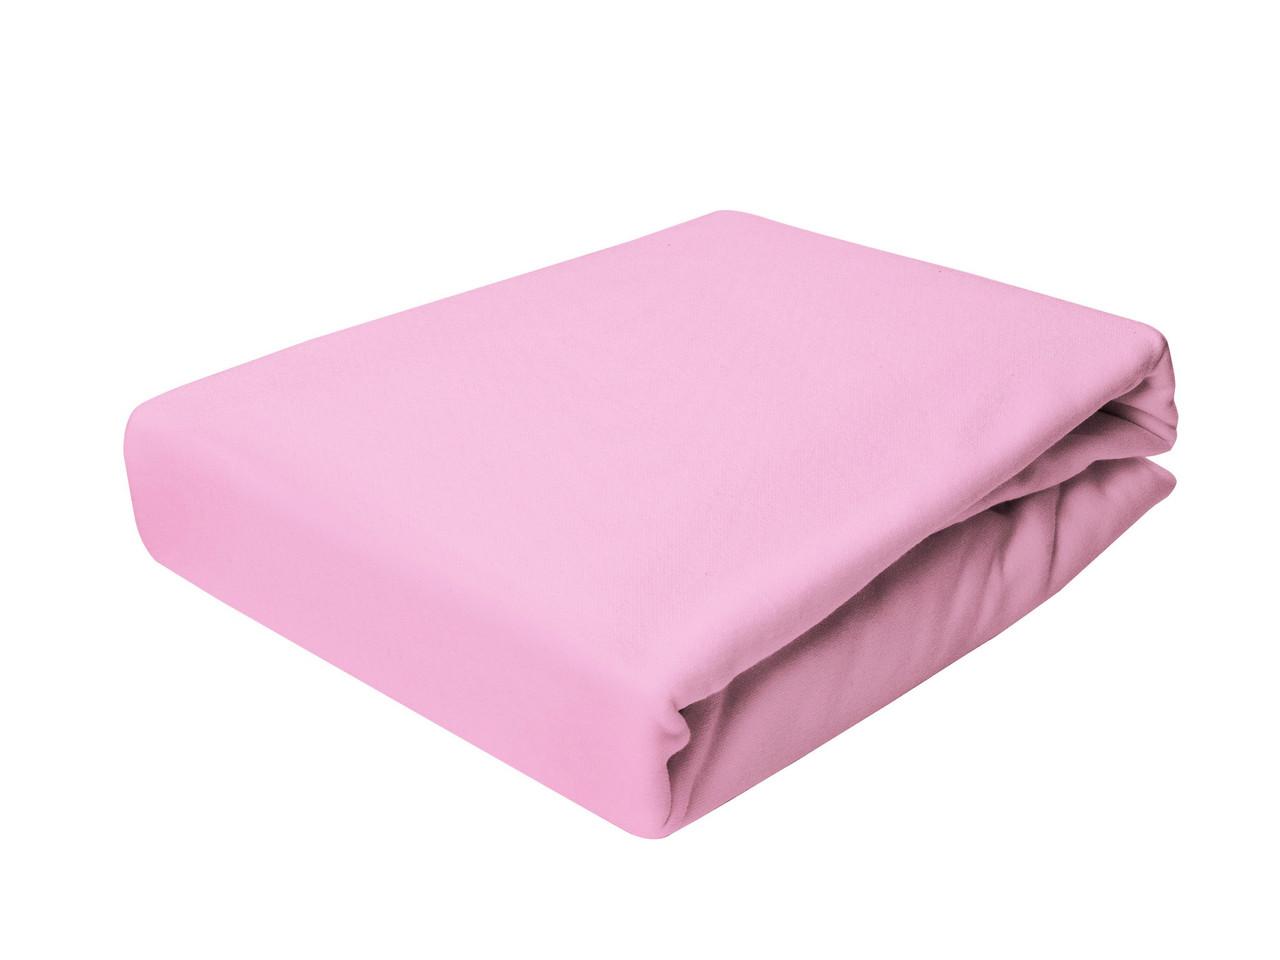 Простыня Трикотажная На резинке NR 002 P.P.H.U. J&M 5583 200x220 см Розовая